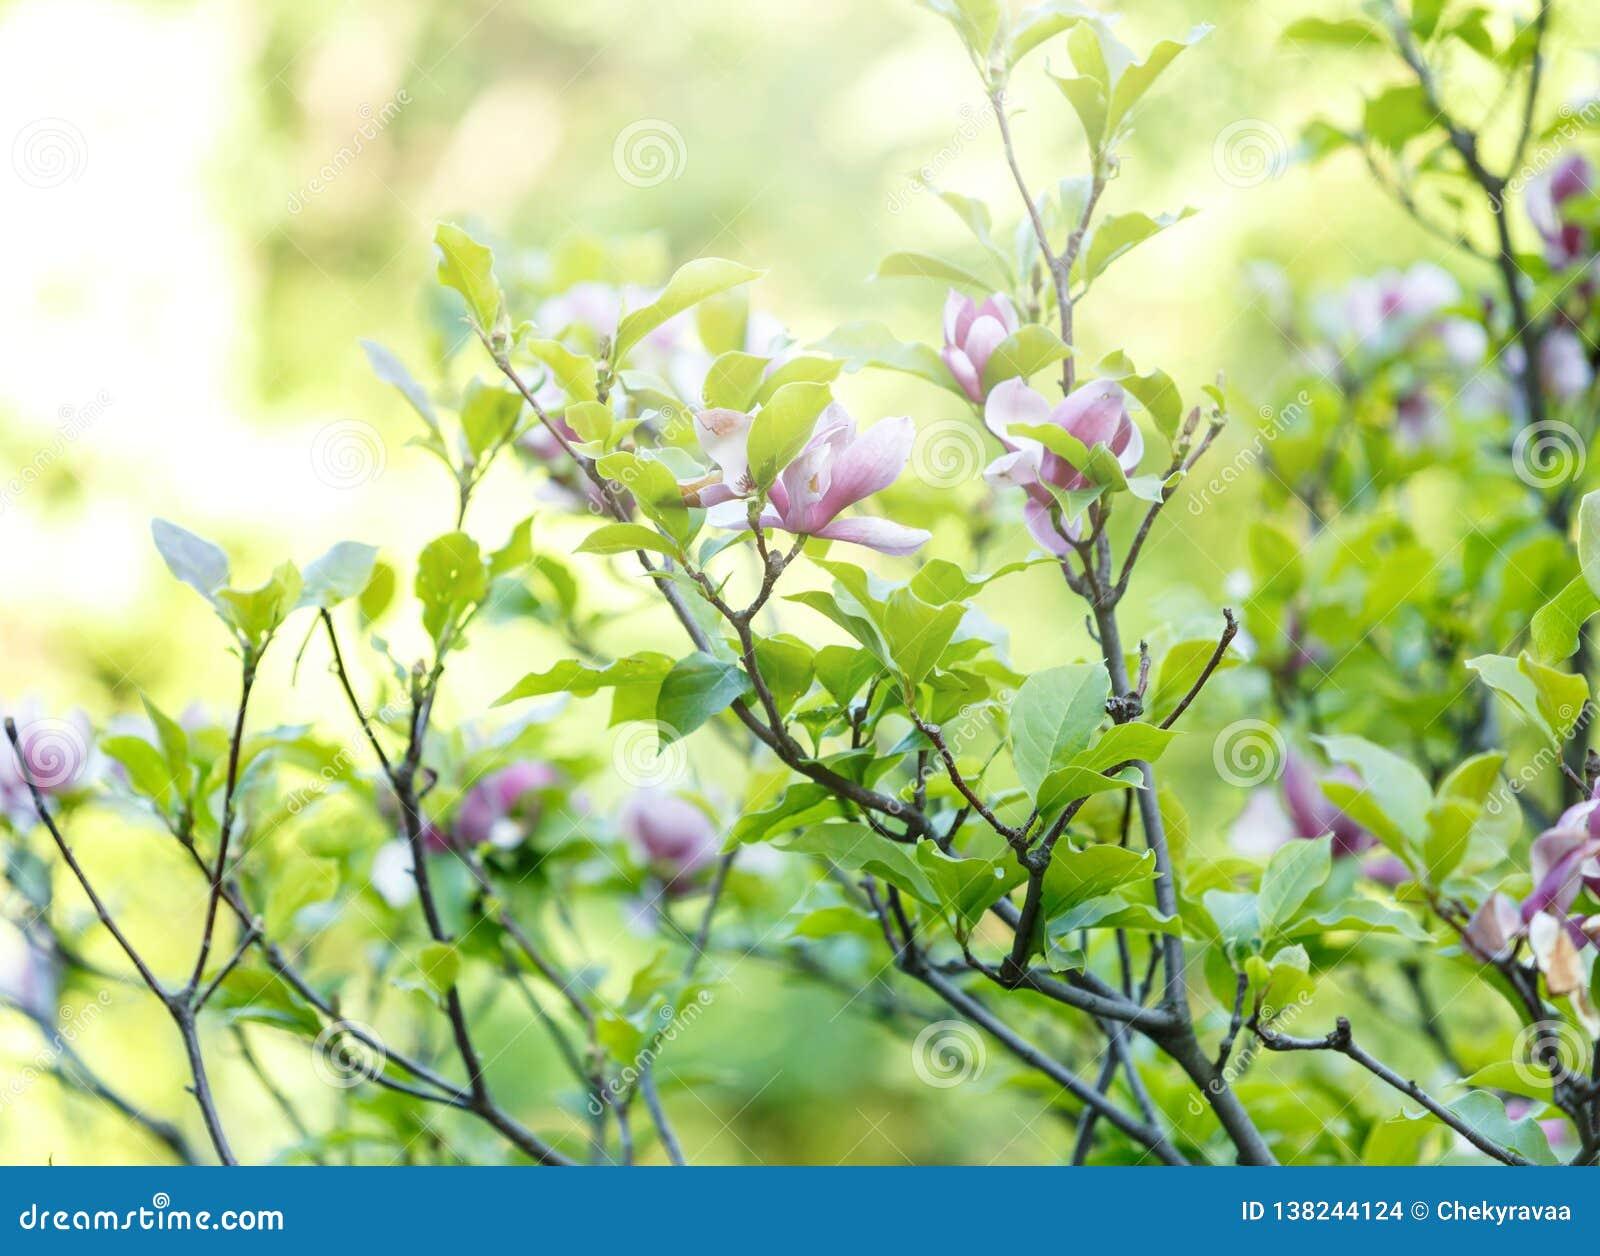 Fin vers le haut des fleurs roses violettes de magnolia avec la lumière du soleil Belles branches fleuries avec les feuilles vert